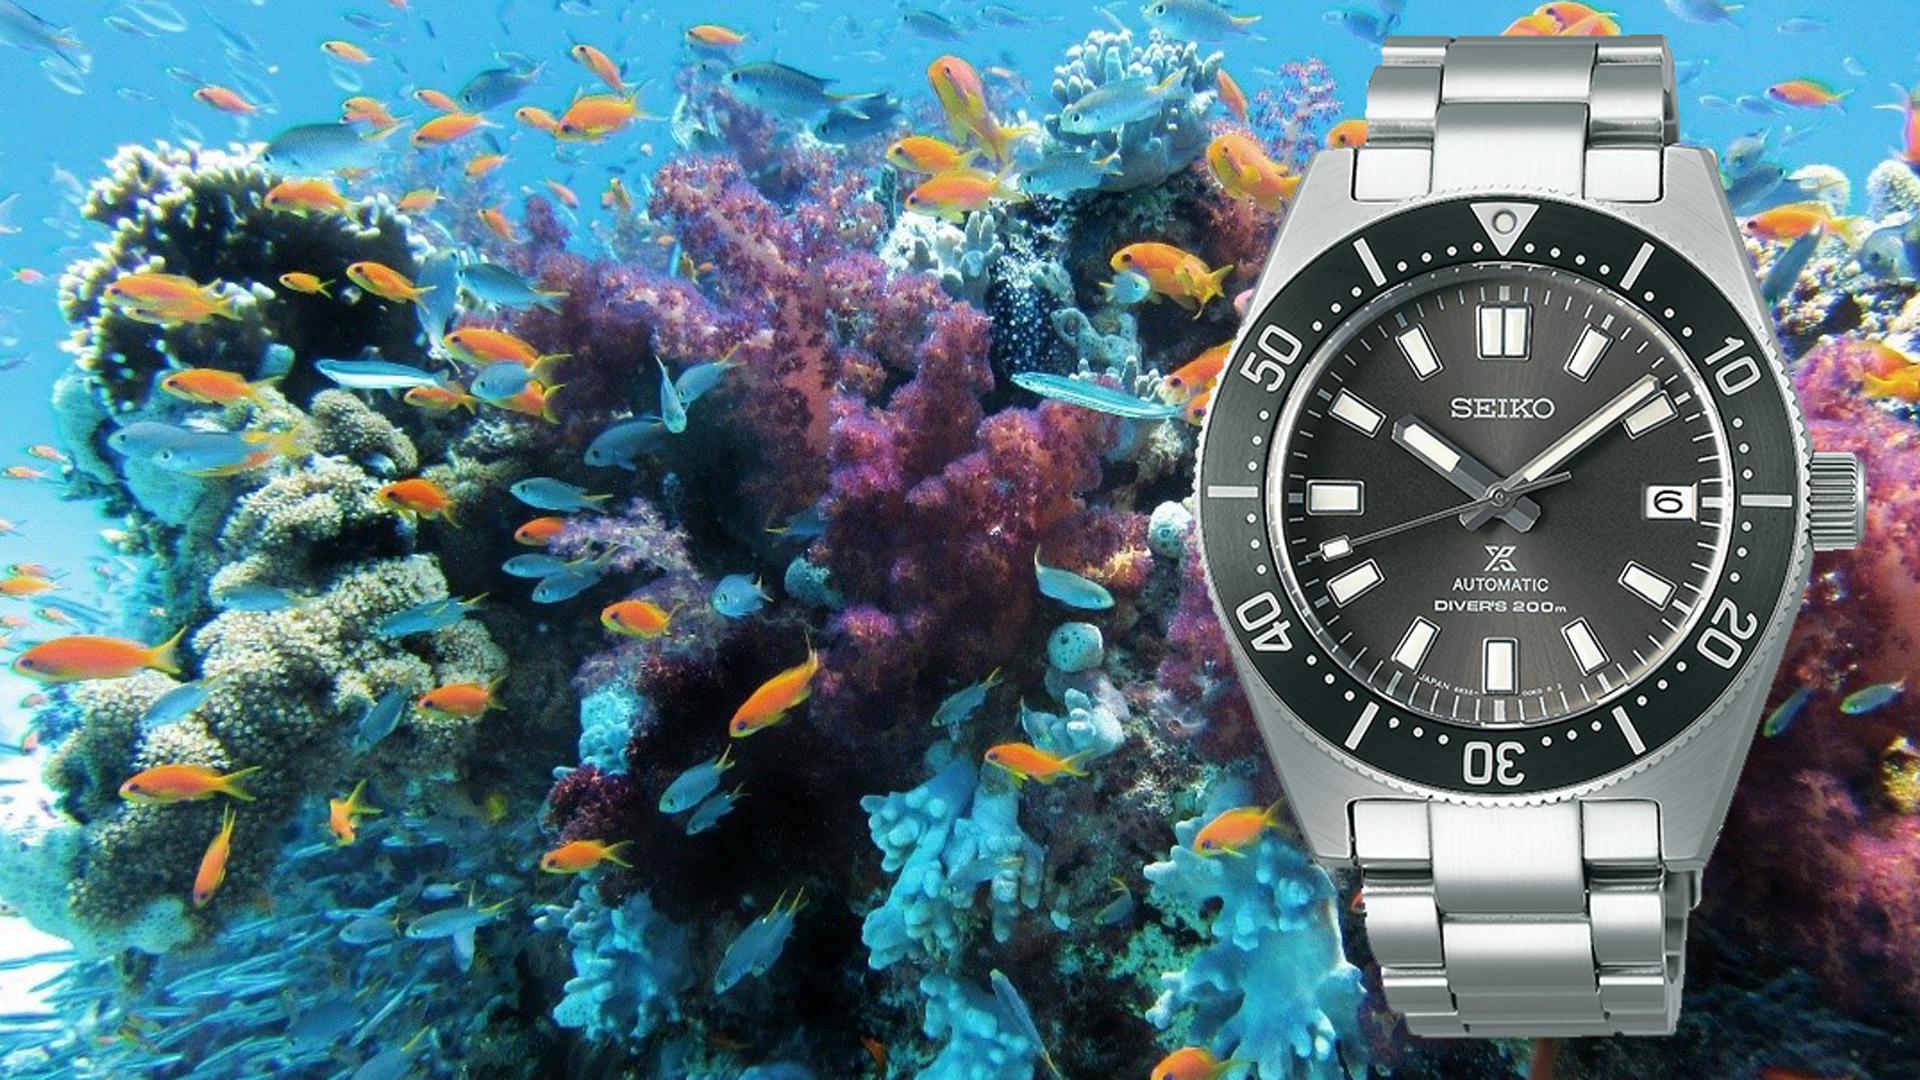 Seiko Scuba Diver's